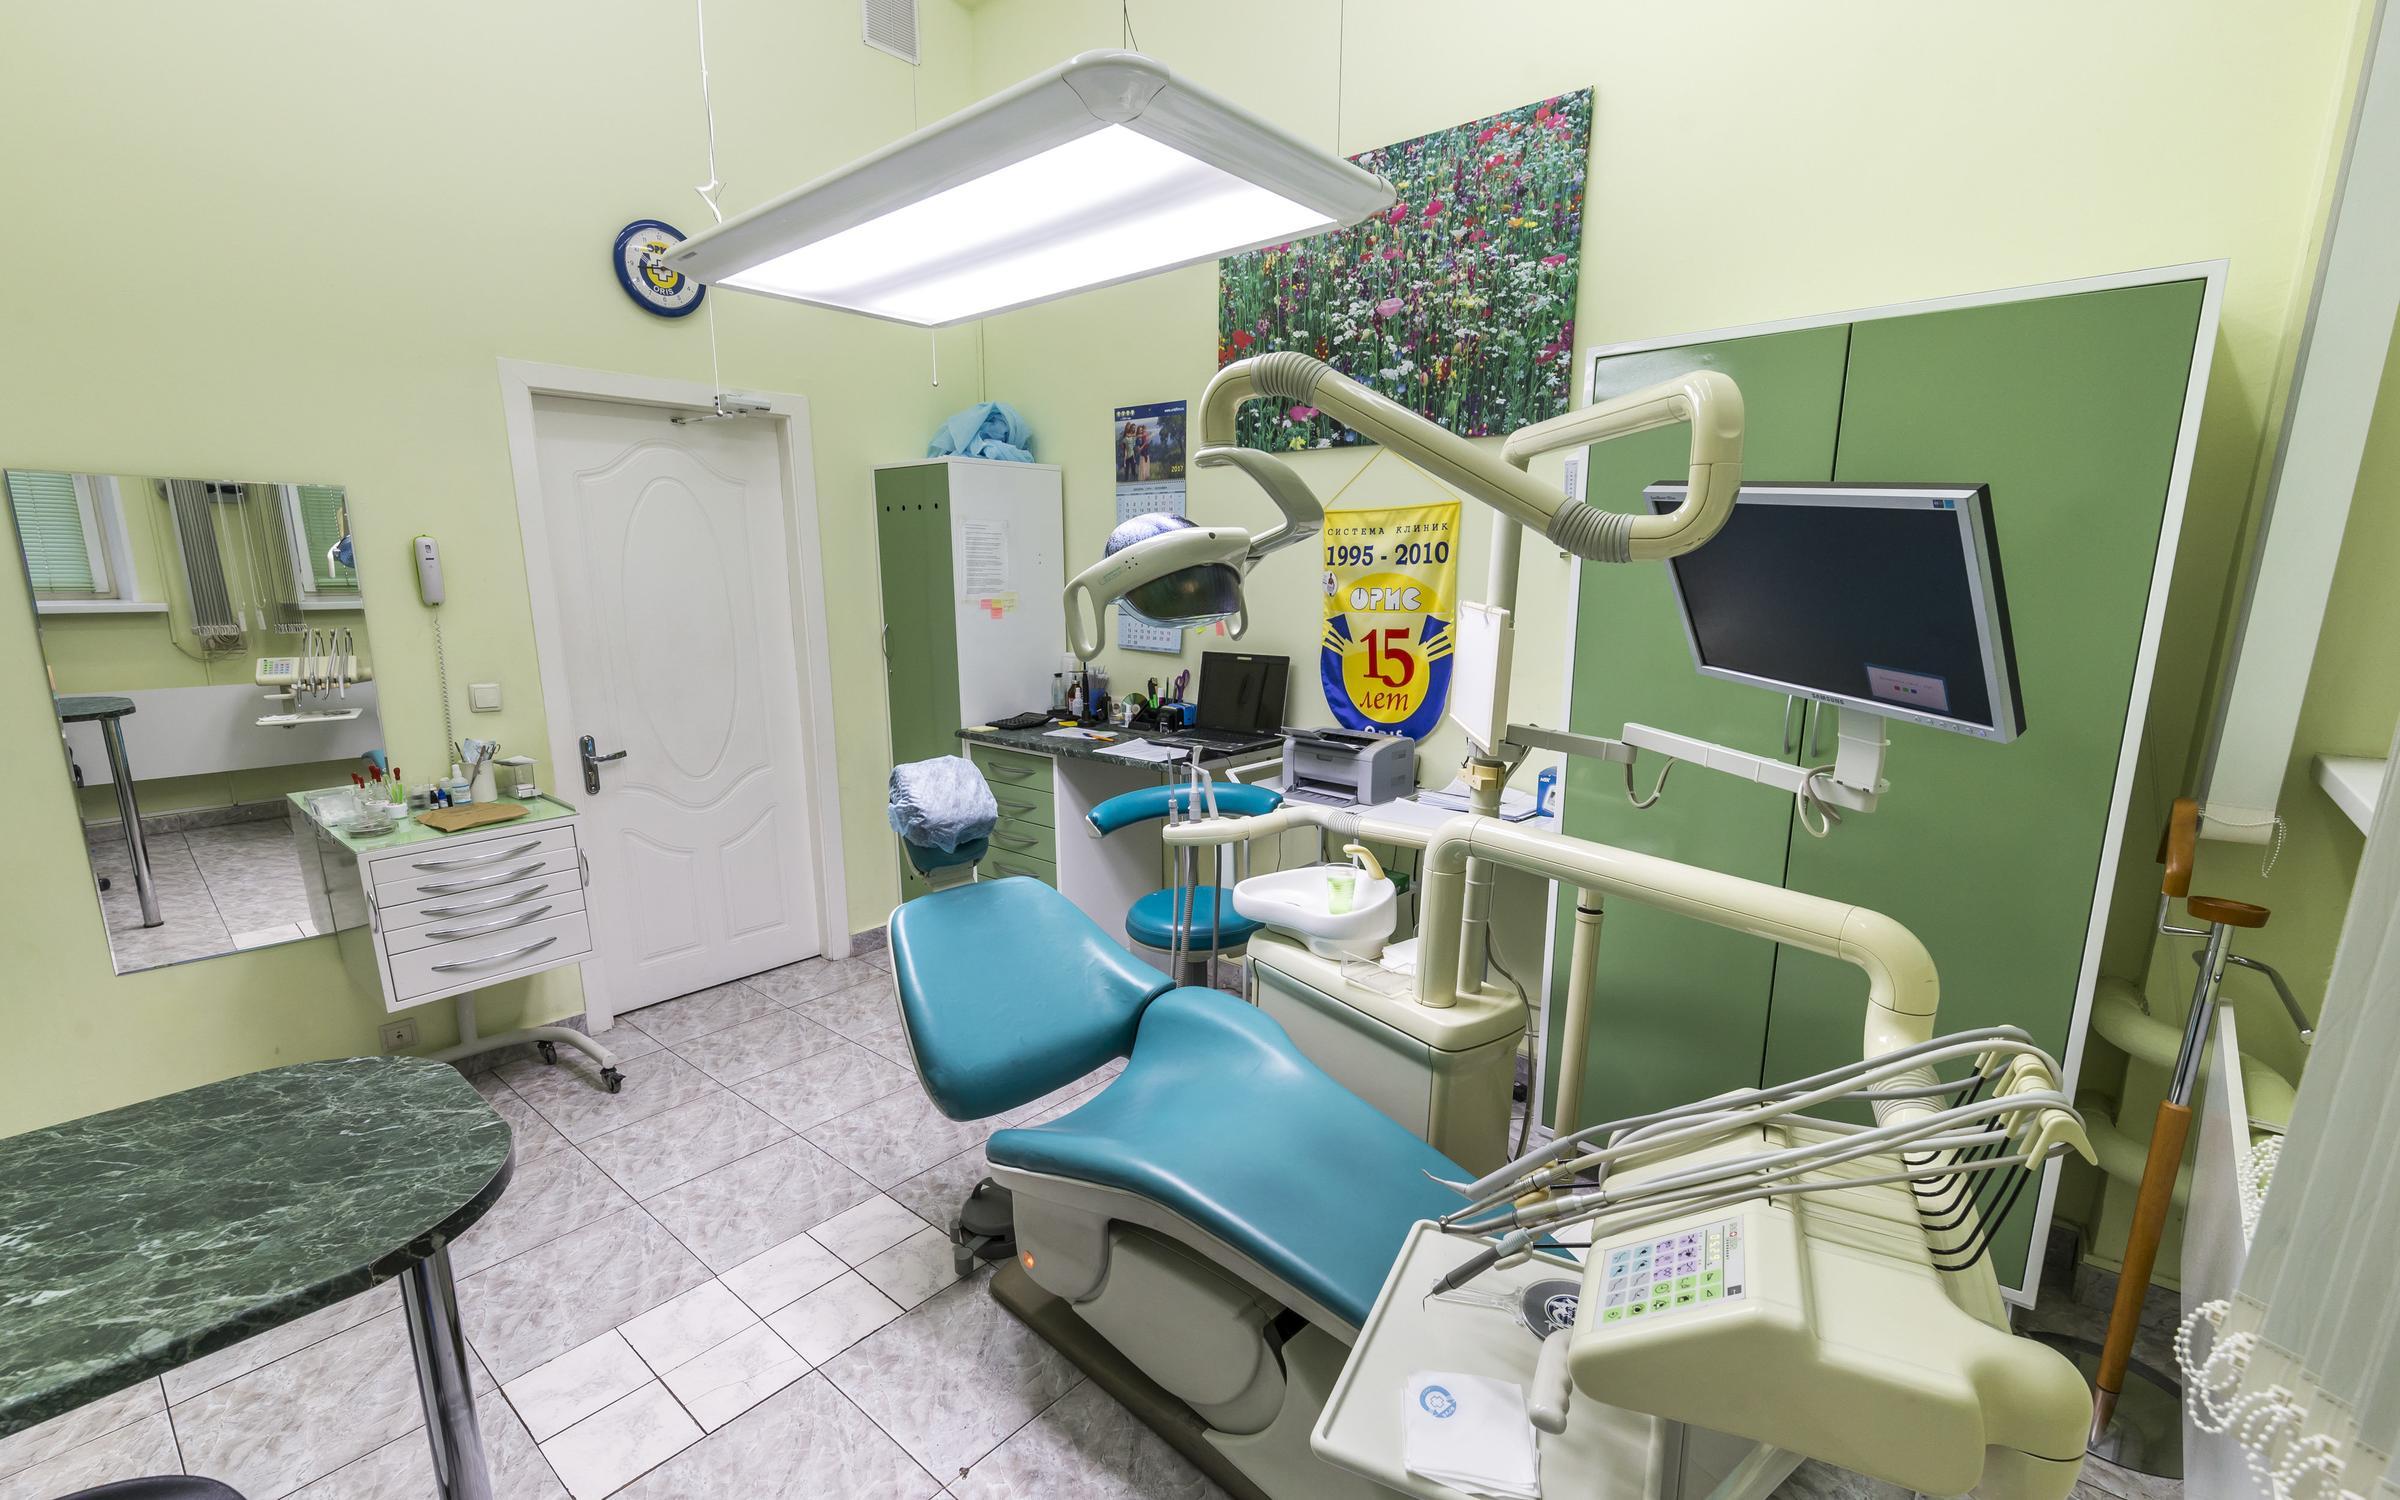 Отдел кадров 1 городской больницы севастополя